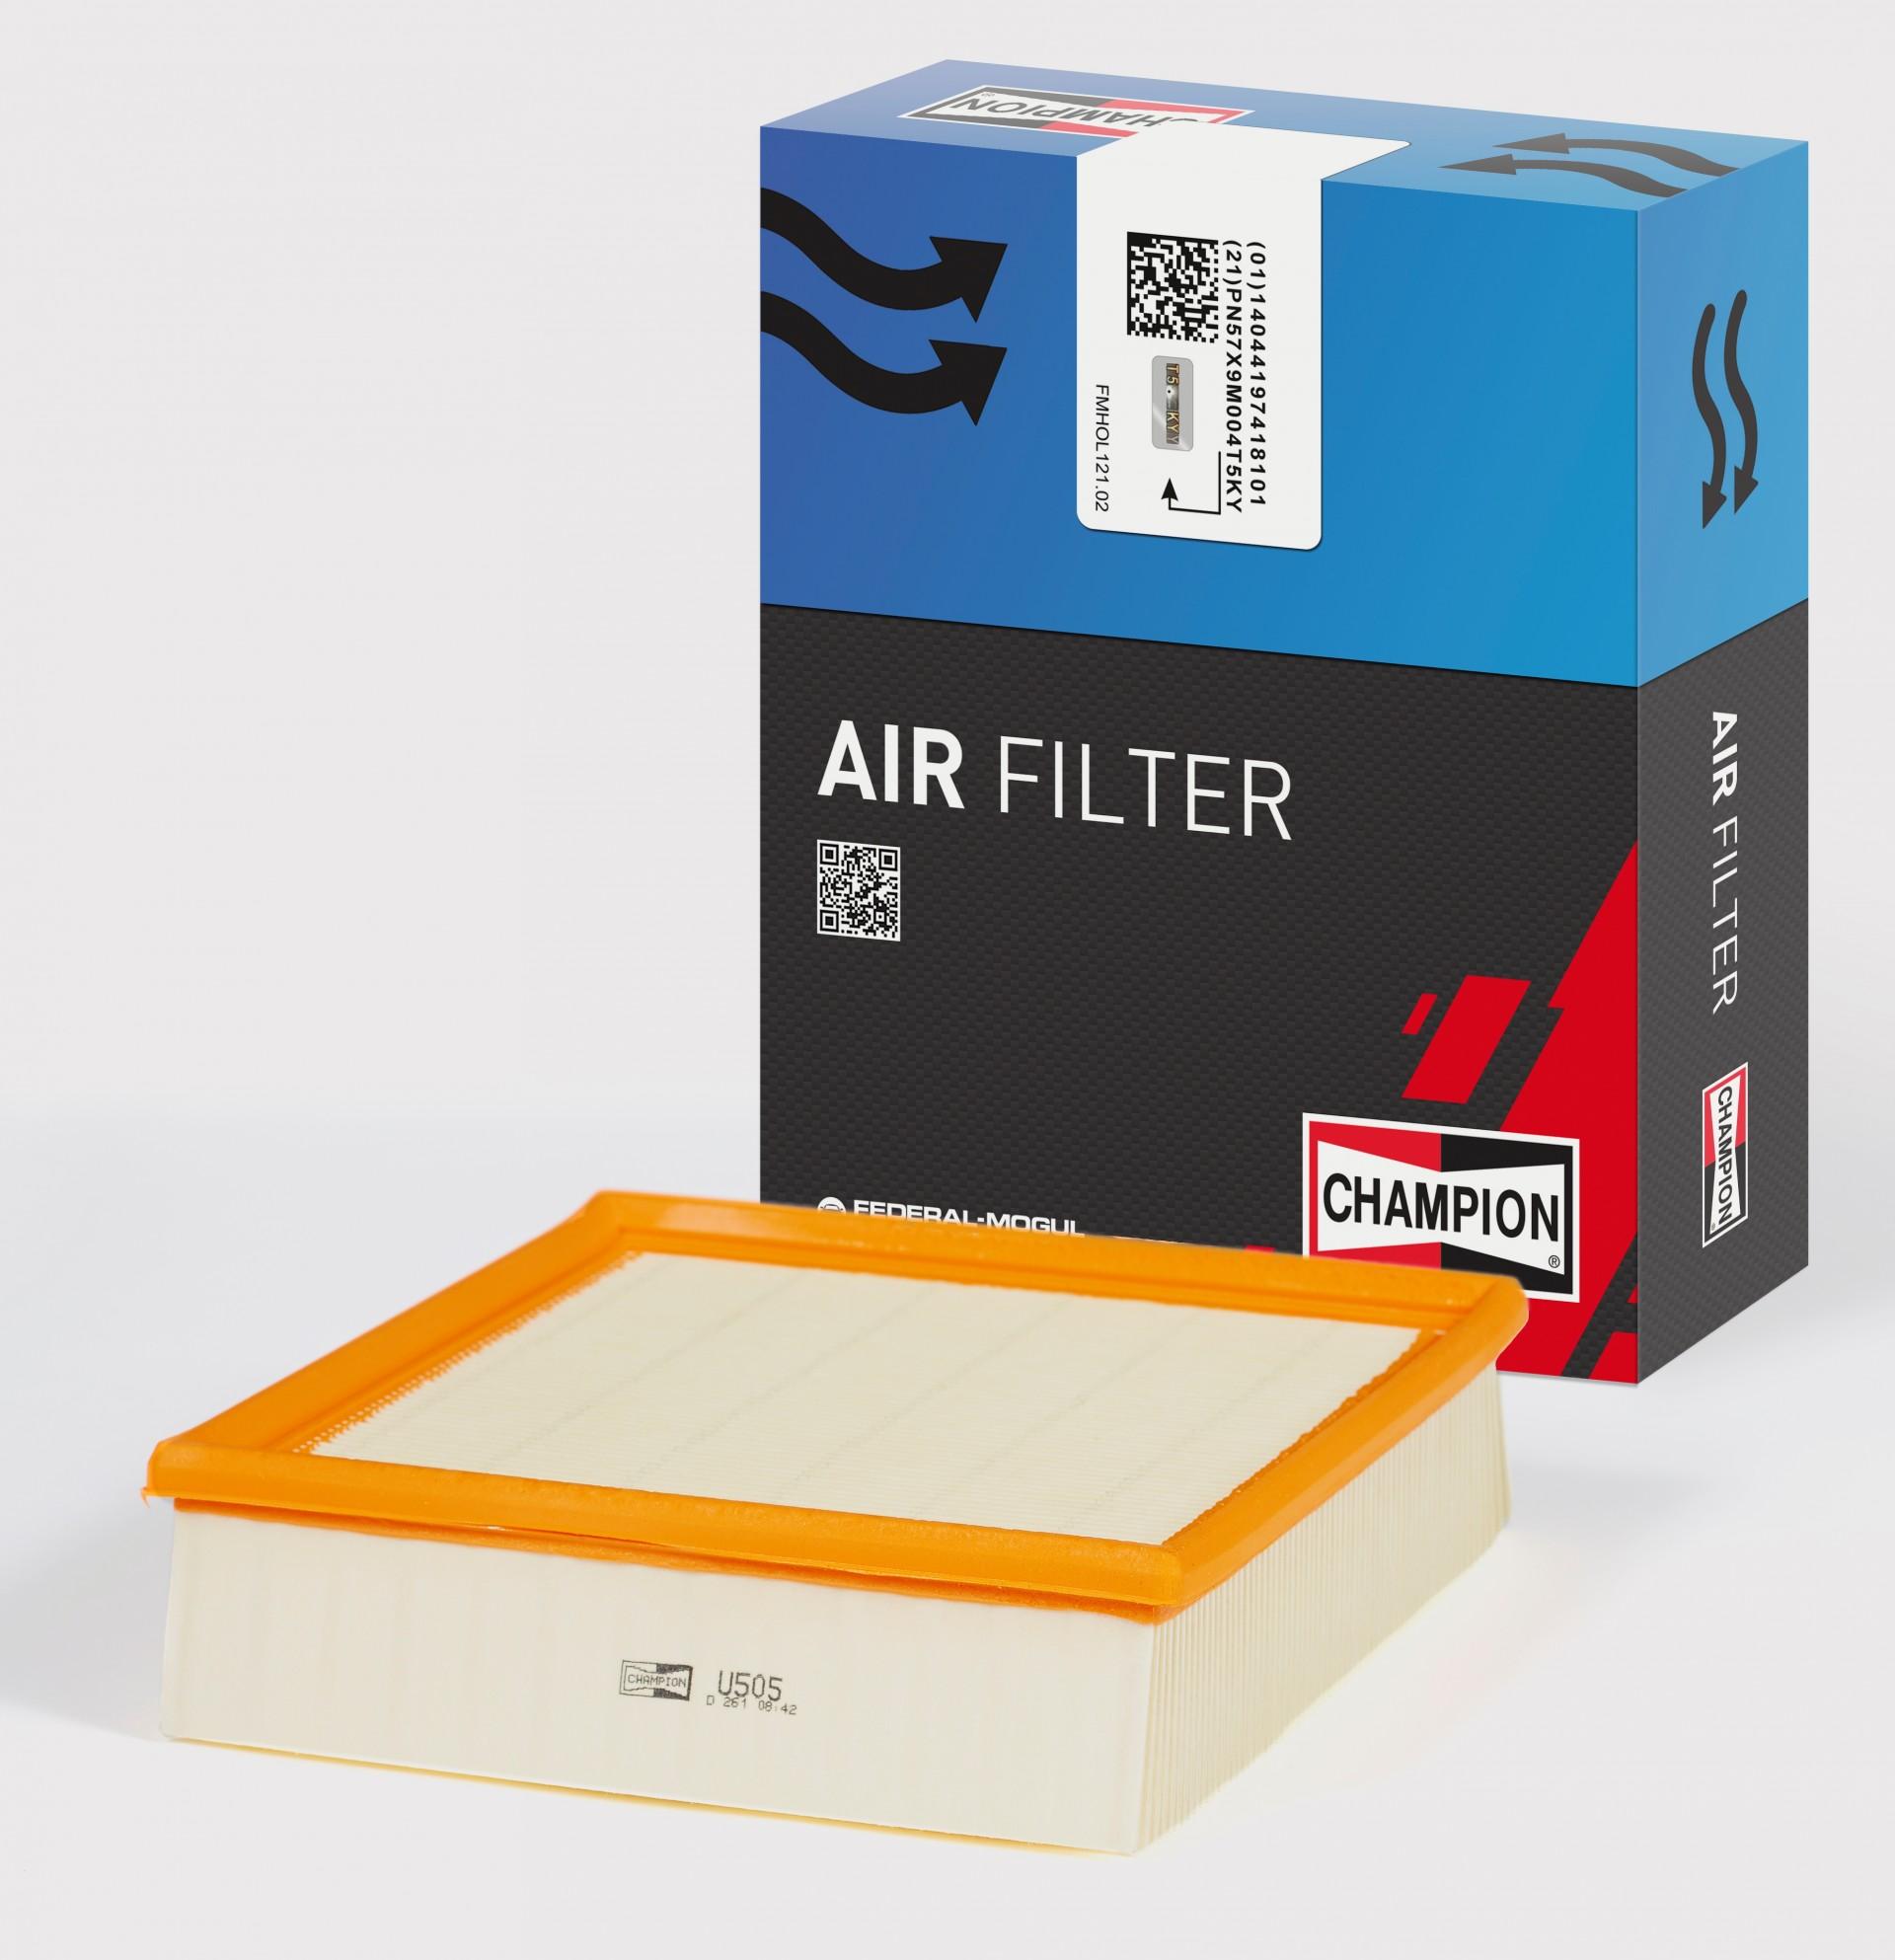 Champion Air Filter воздушный фильтр